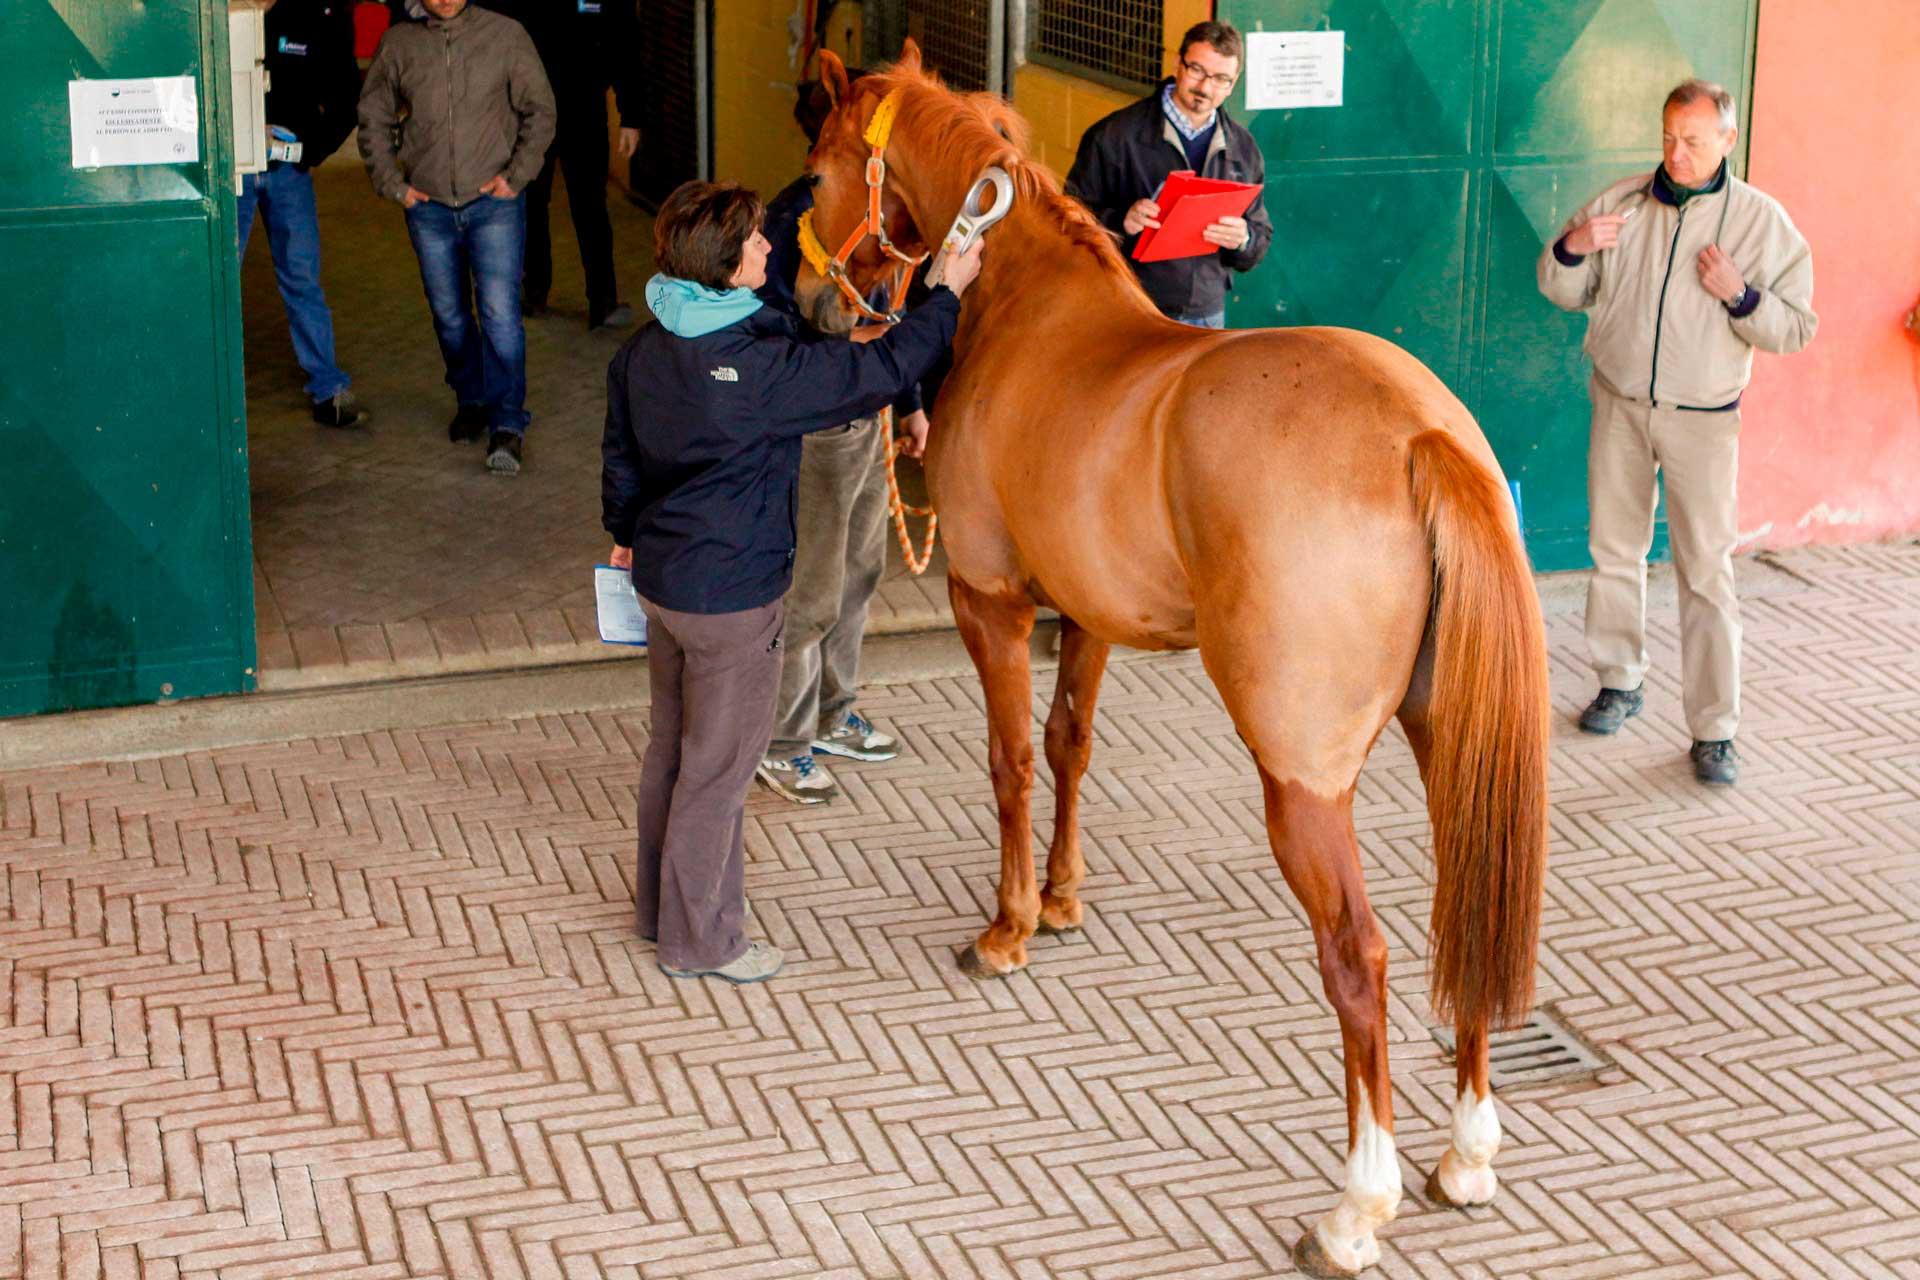 LE PRE-VISITE VETERINARIE - Si procede all?identificazione del cavallo mediante lettura elettronica del microchip applicato sotto alla criniera.